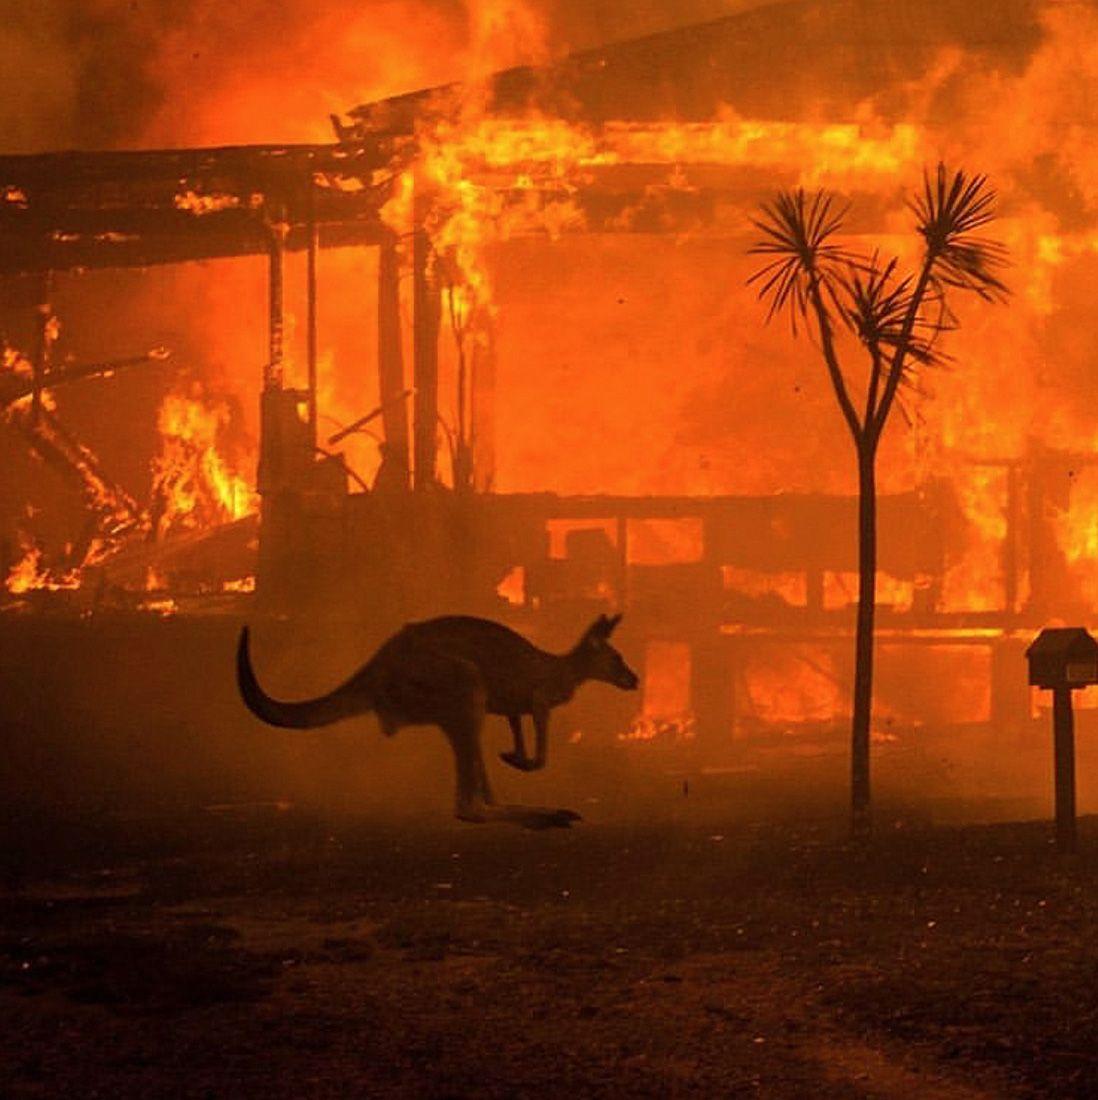 Odhalujeme rozsah katastrofy Austrálie Aktuálně.cz in